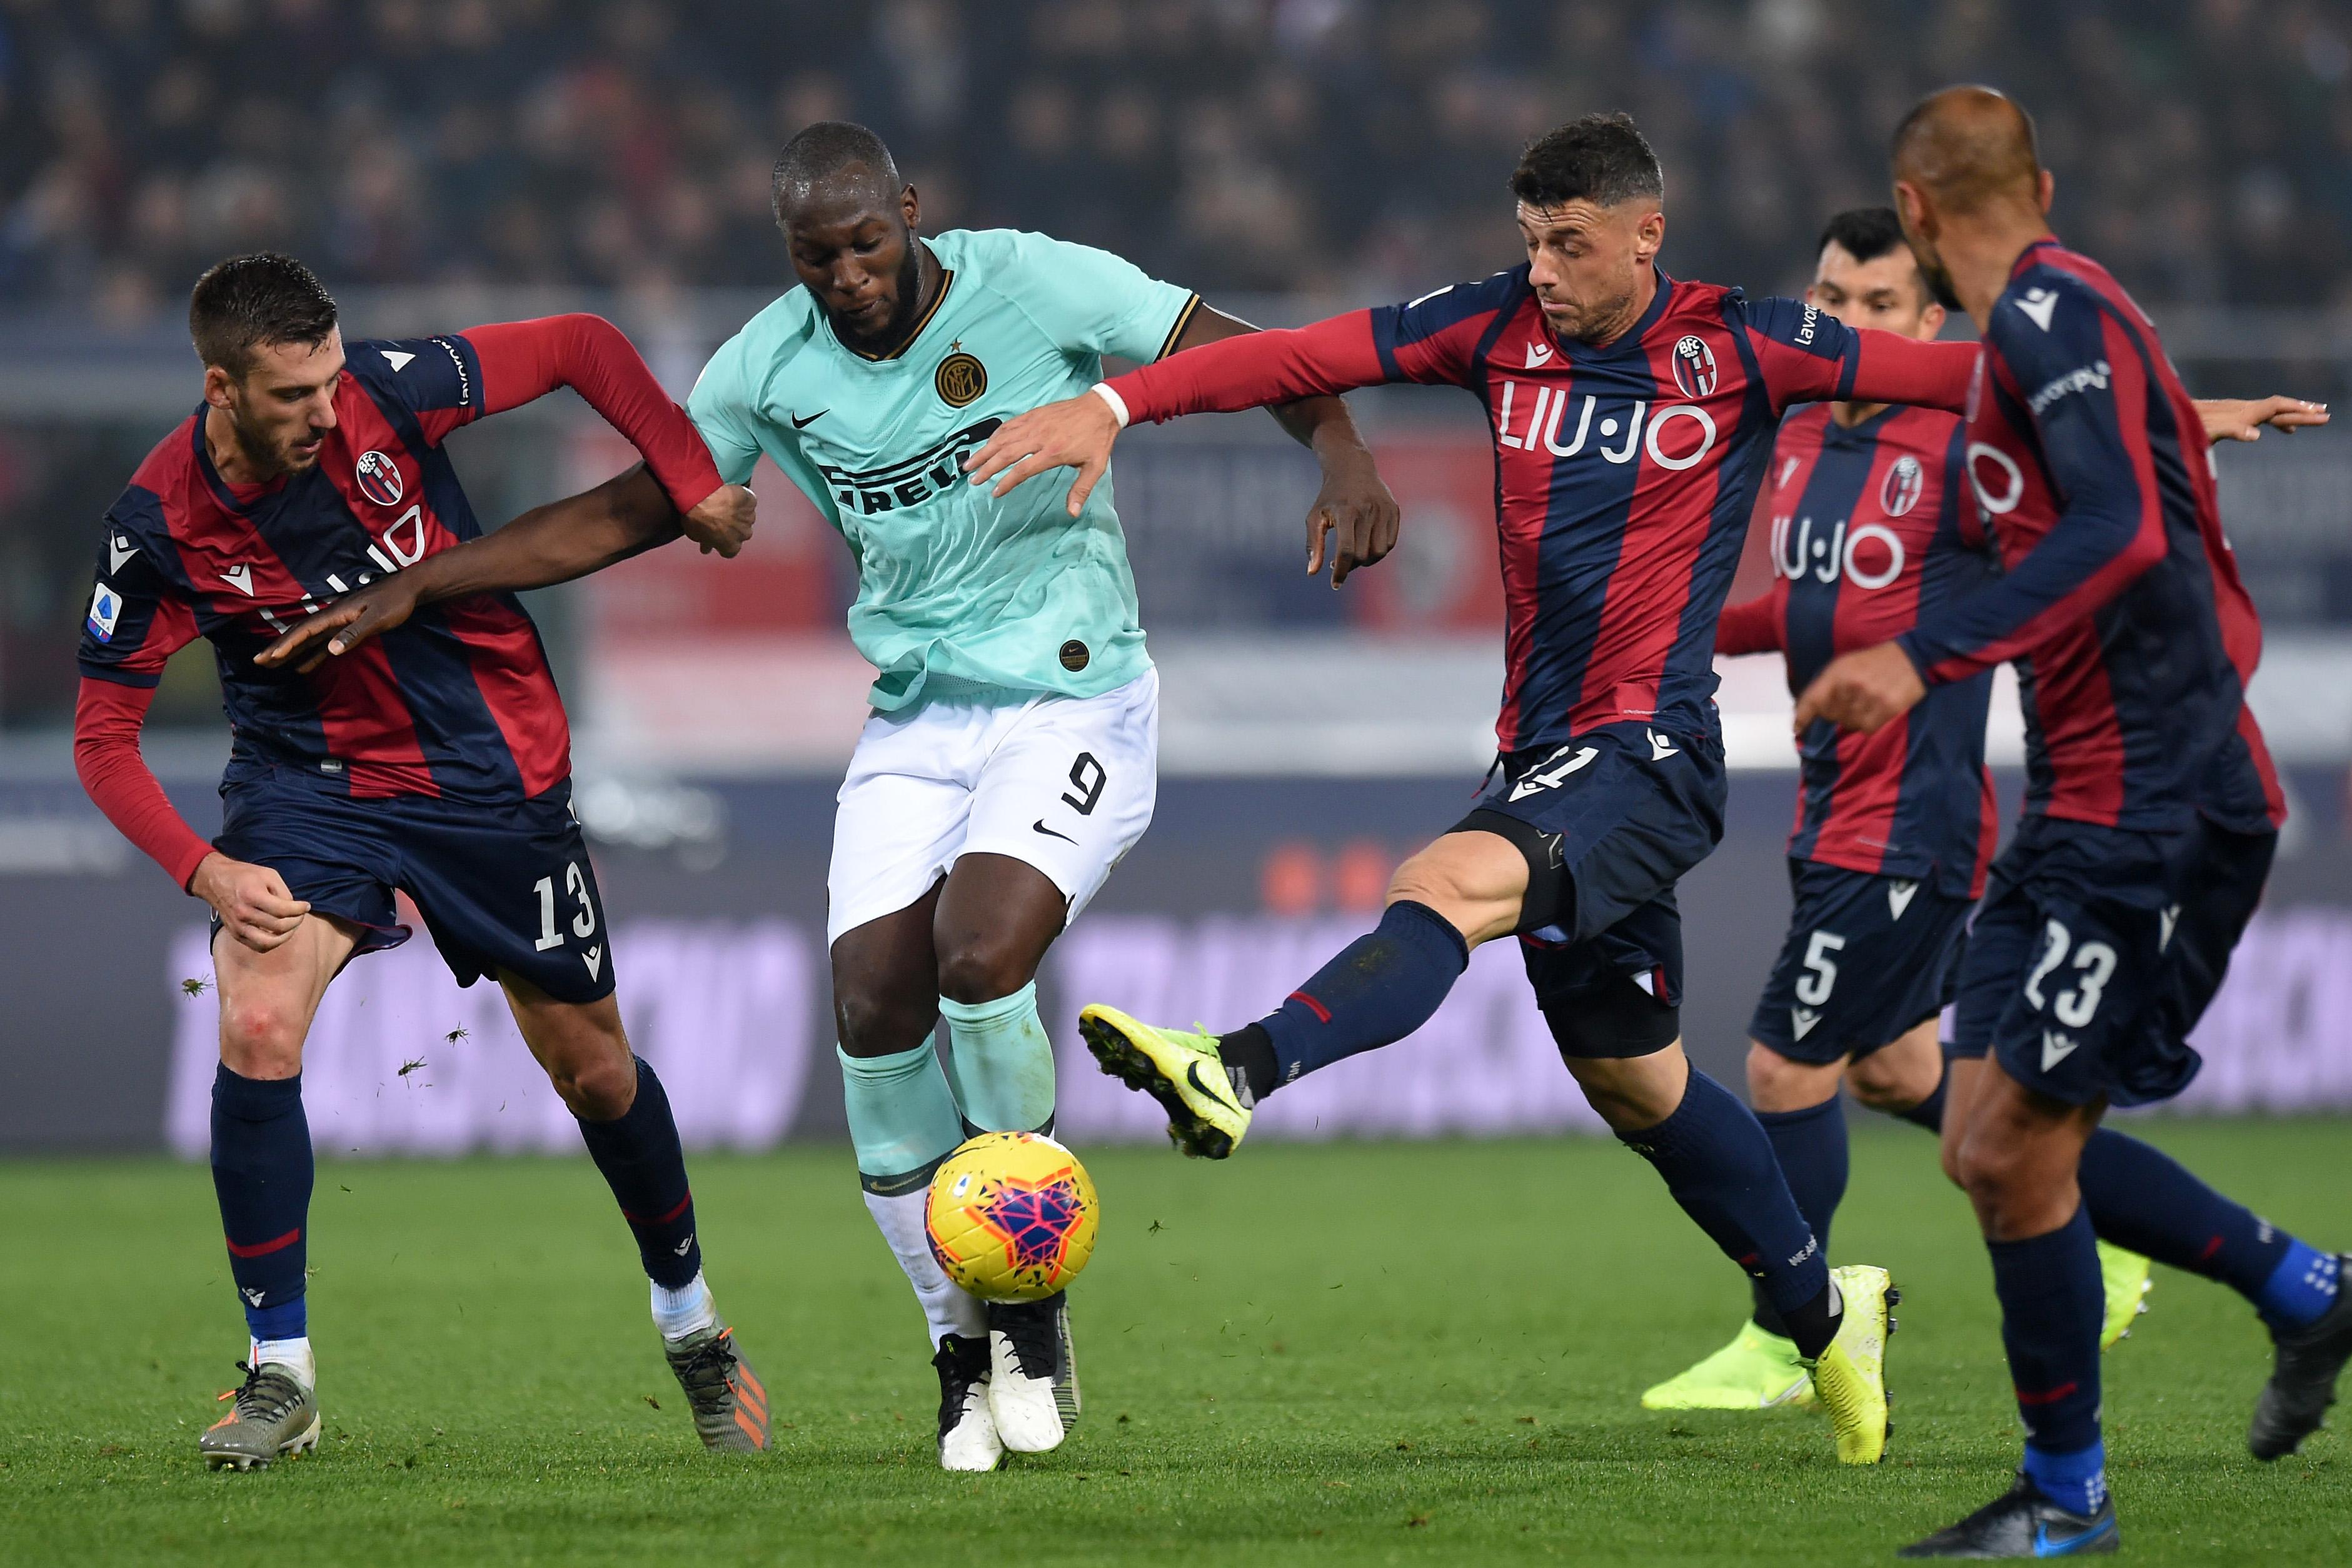 Football - Etranger - Serie A : Torino - Inter Milan en direct